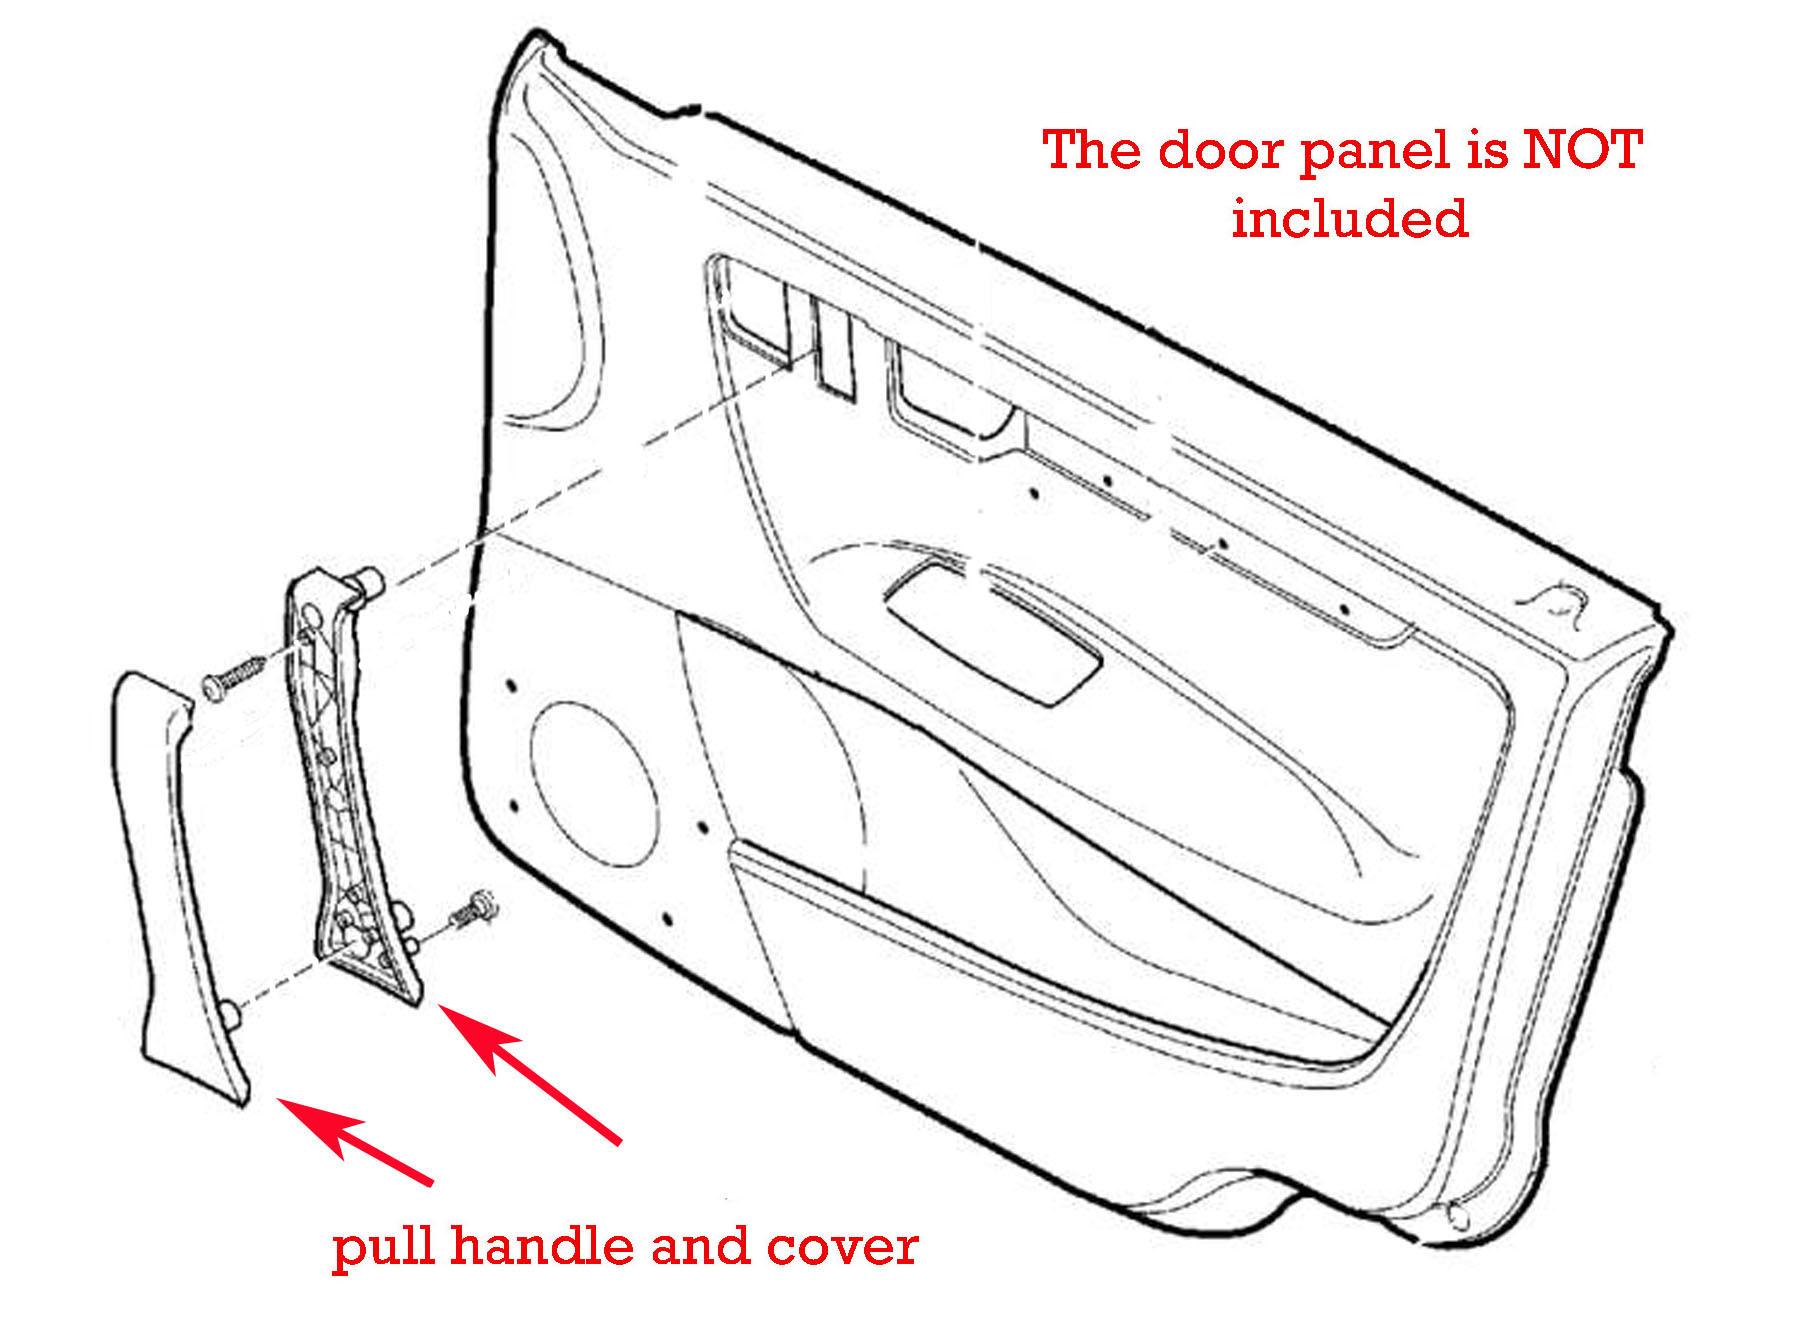 39986959 Interior door pull handle mocha sand beige color